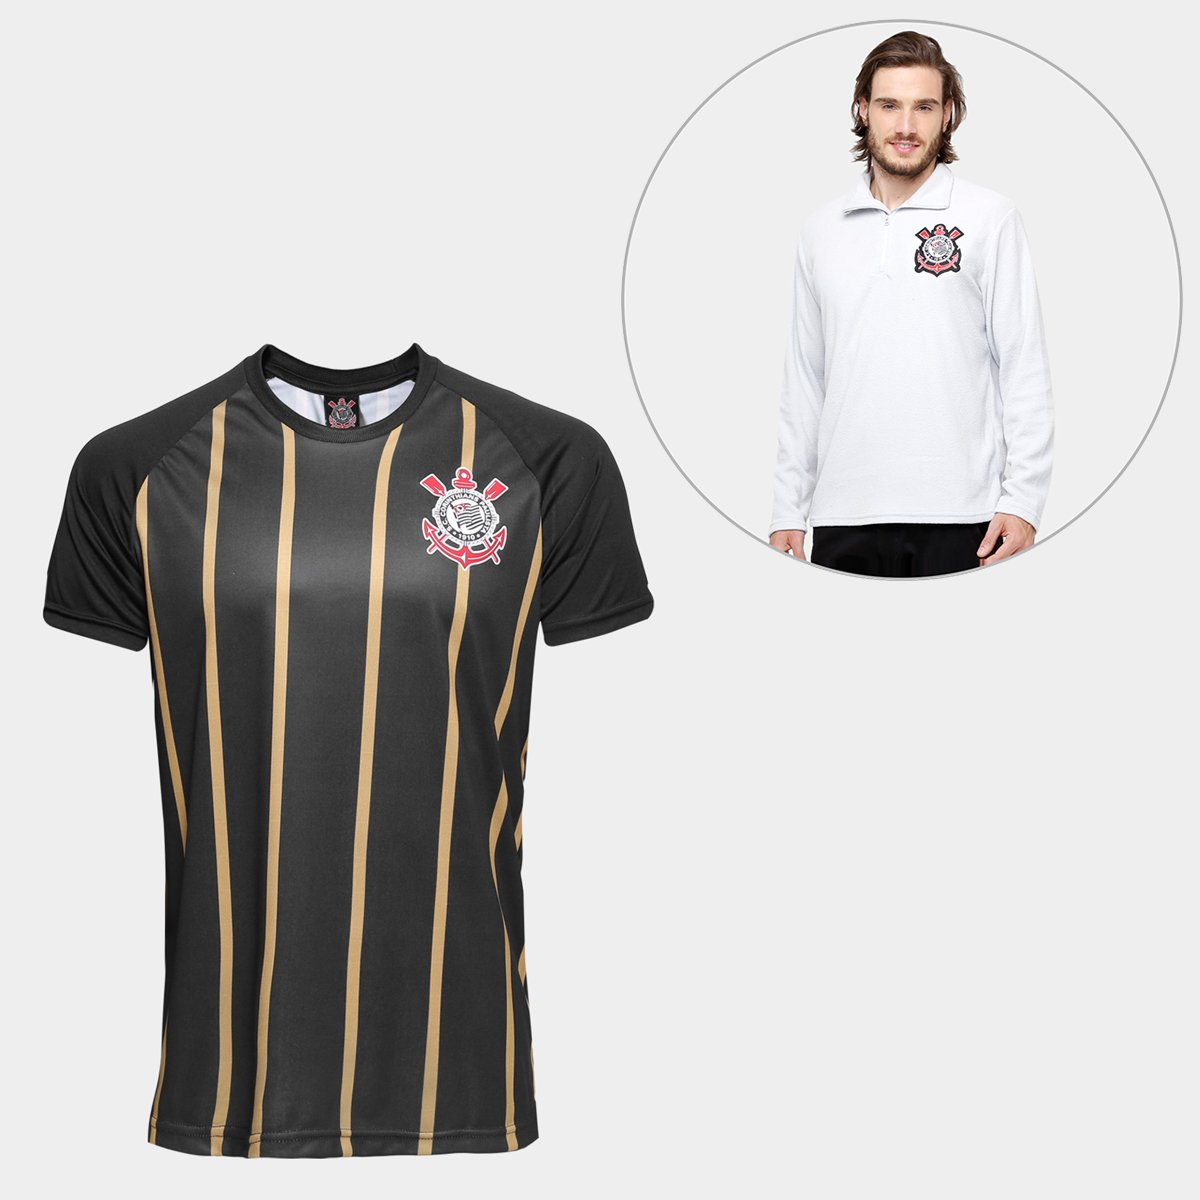 0a5f185629 Kit Camisa Corinthians Gold nº10 - Edição Limitada + Blusão Corinthians  Polar Fleece Masculino